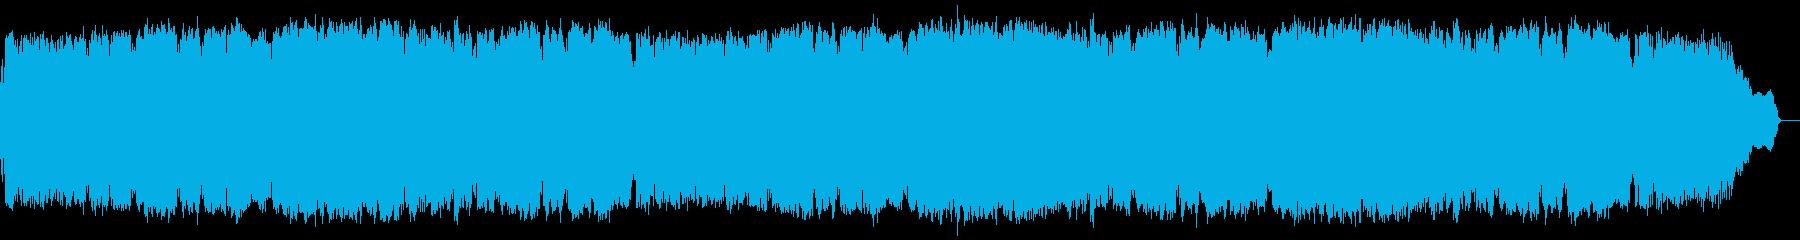 優しく寄り添うサックスの3連ロカバラ歌謡の再生済みの波形